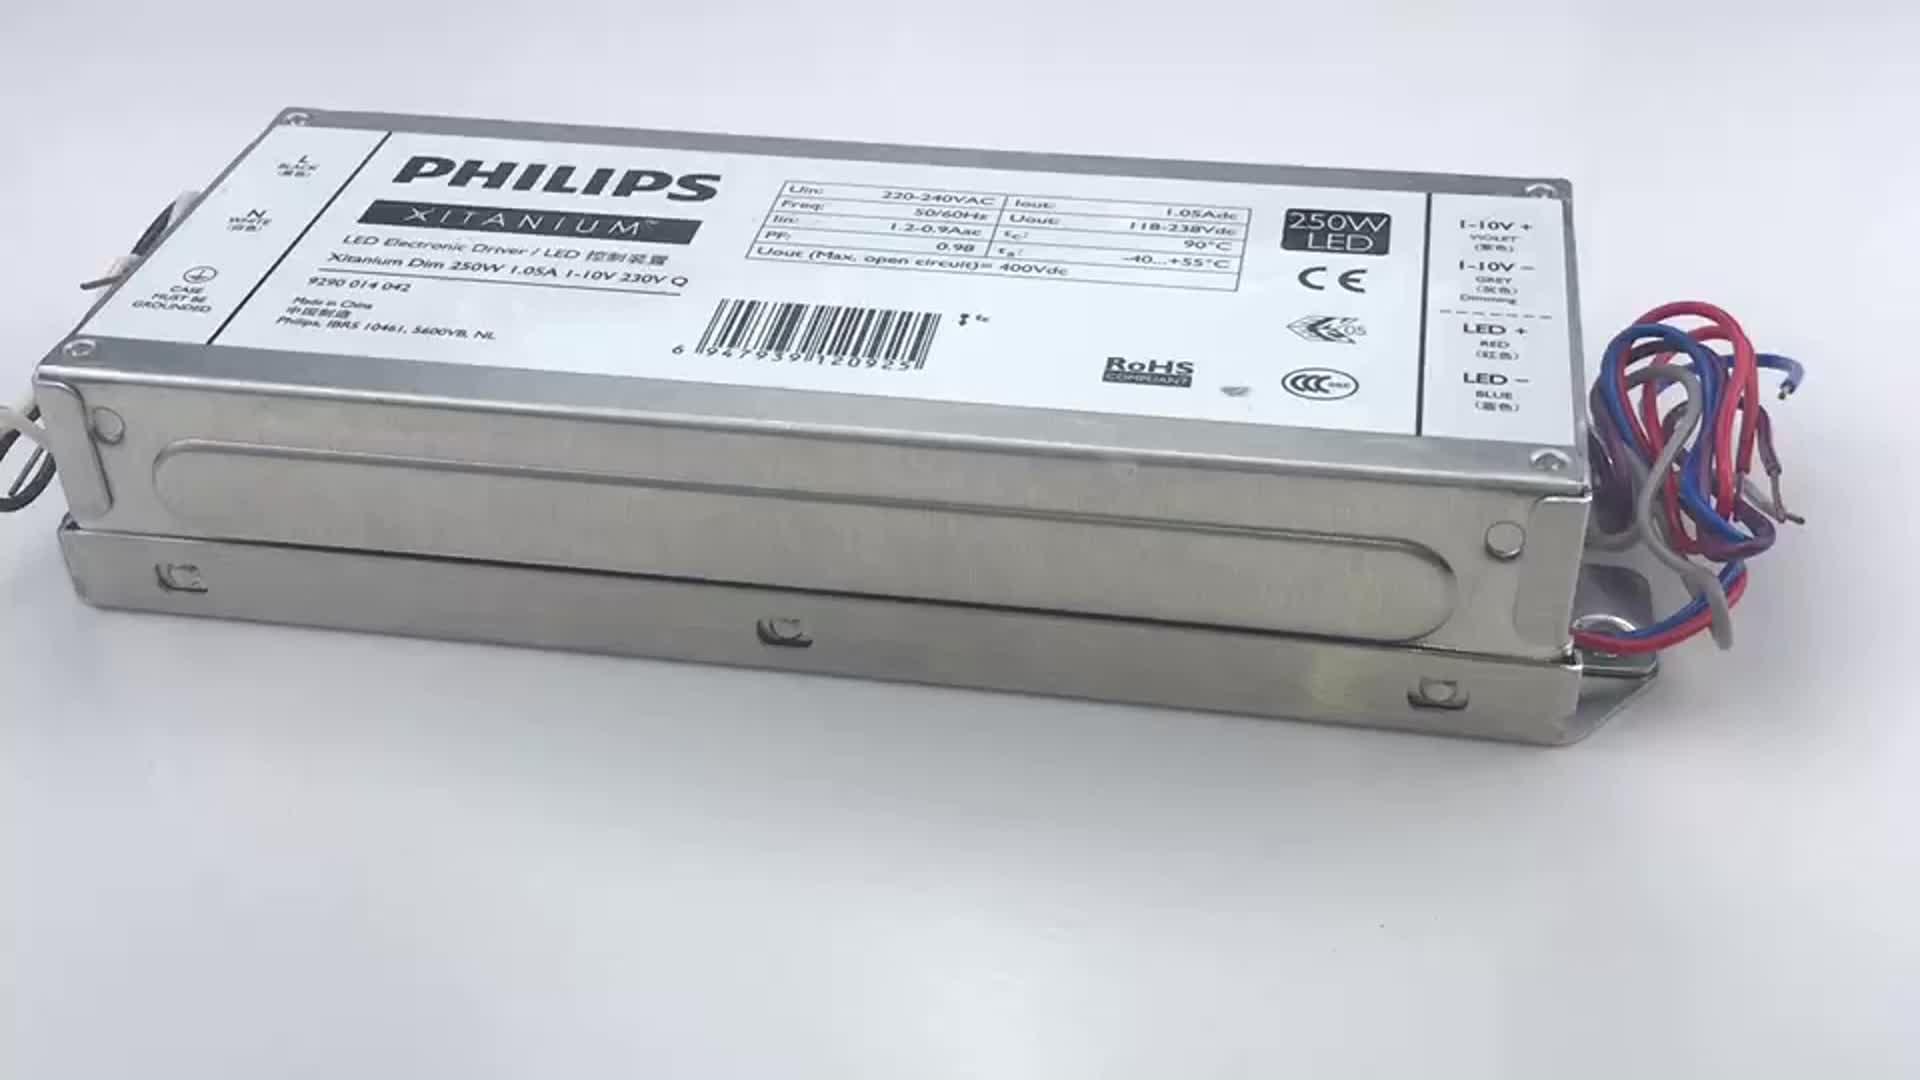 Xitanium Lite Programlanabilir GEN3 250 W 1.05A PHILIPS Aydınlatma için LED Sürücü